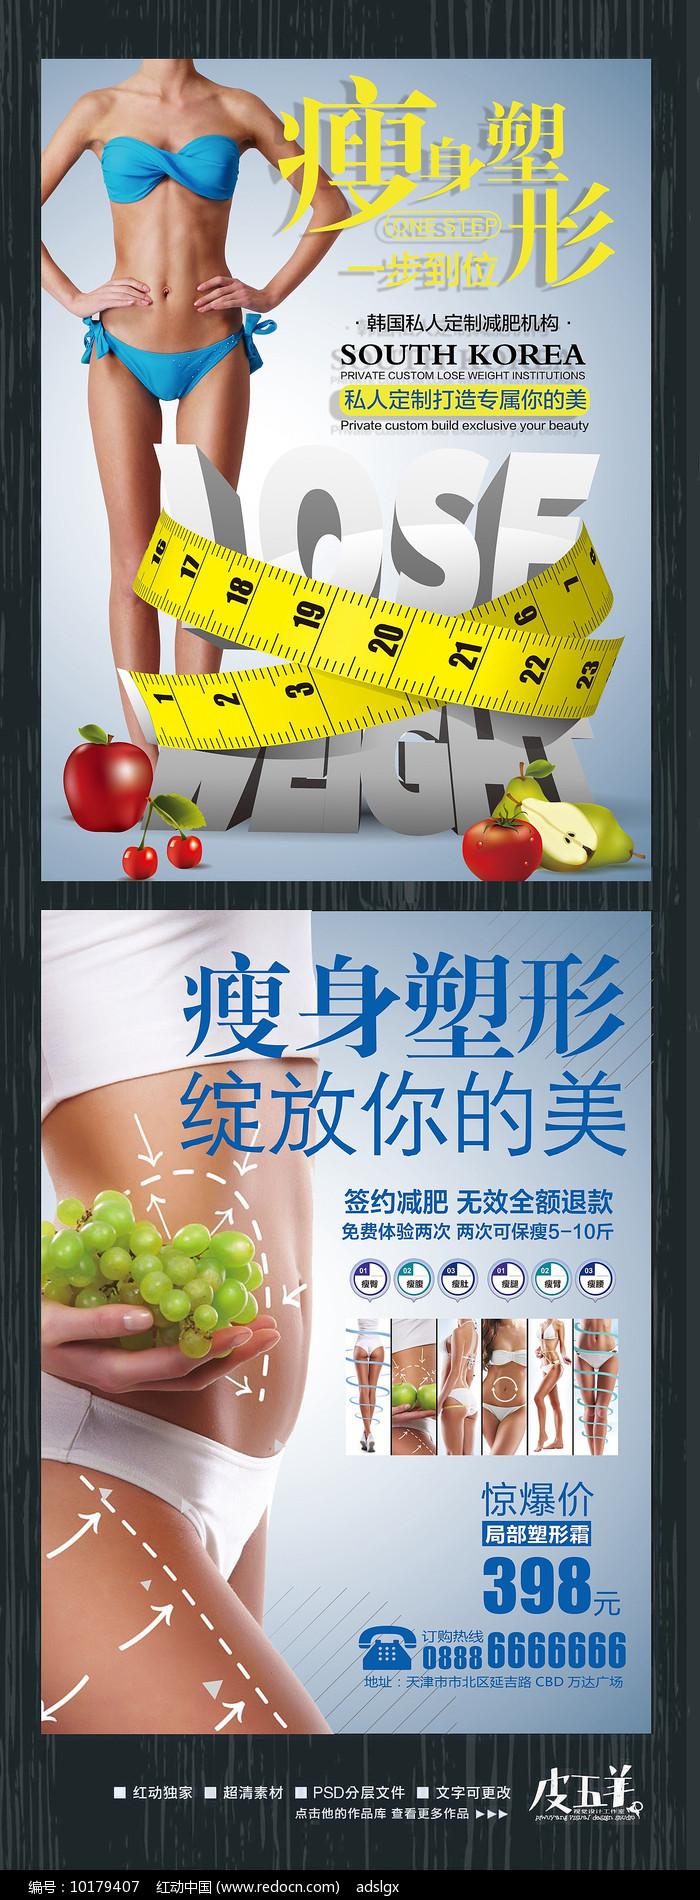 减肥瘦身塑形宣传单图片